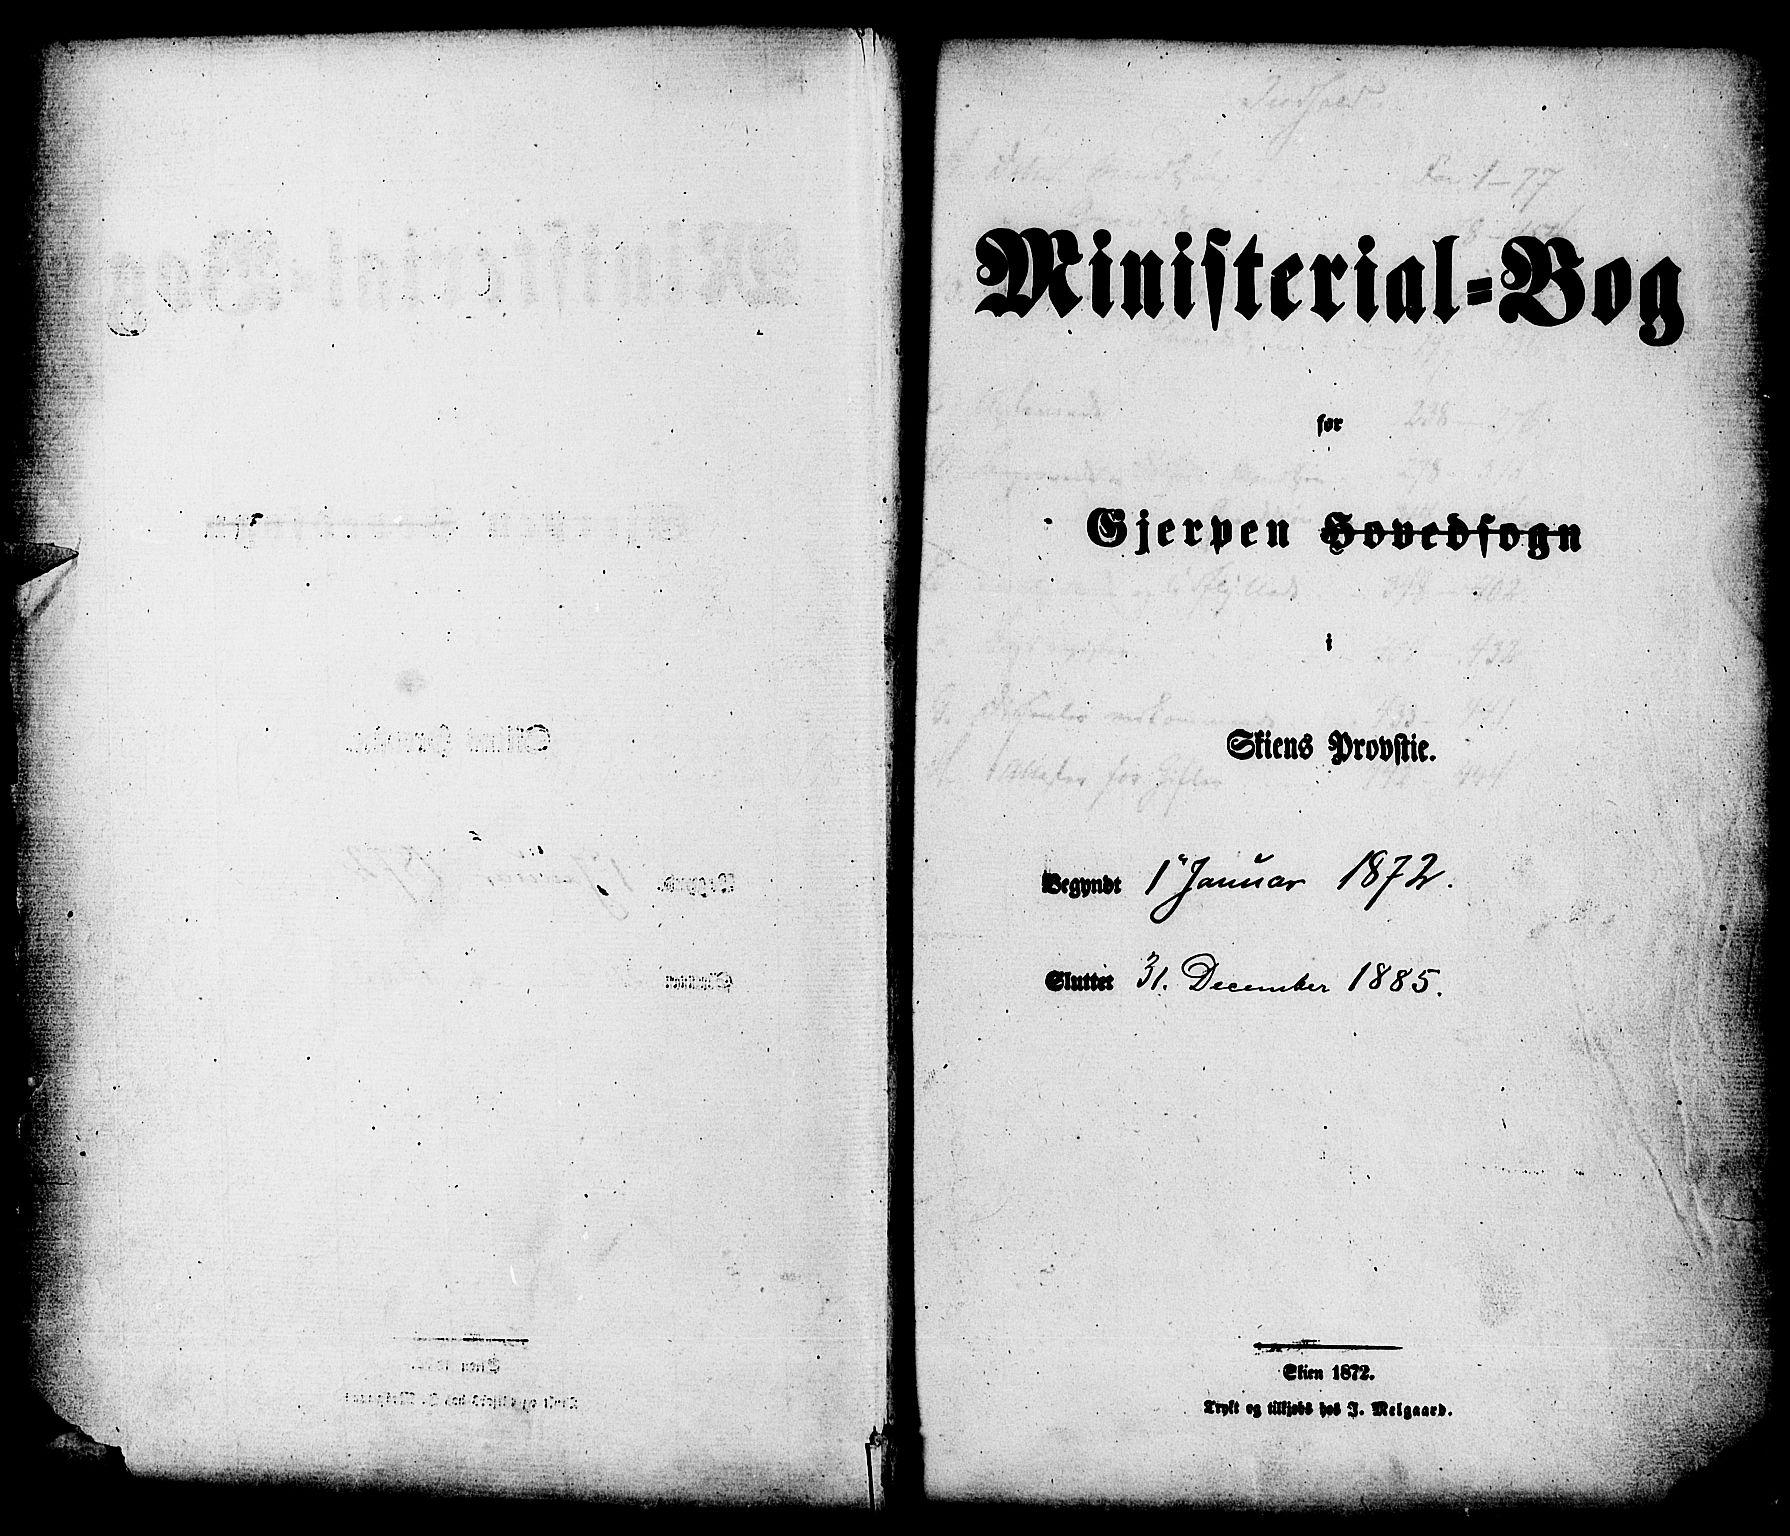 SAKO, Gjerpen kirkebøker, F/Fa/L0009: Ministerialbok nr. 9, 1872-1885